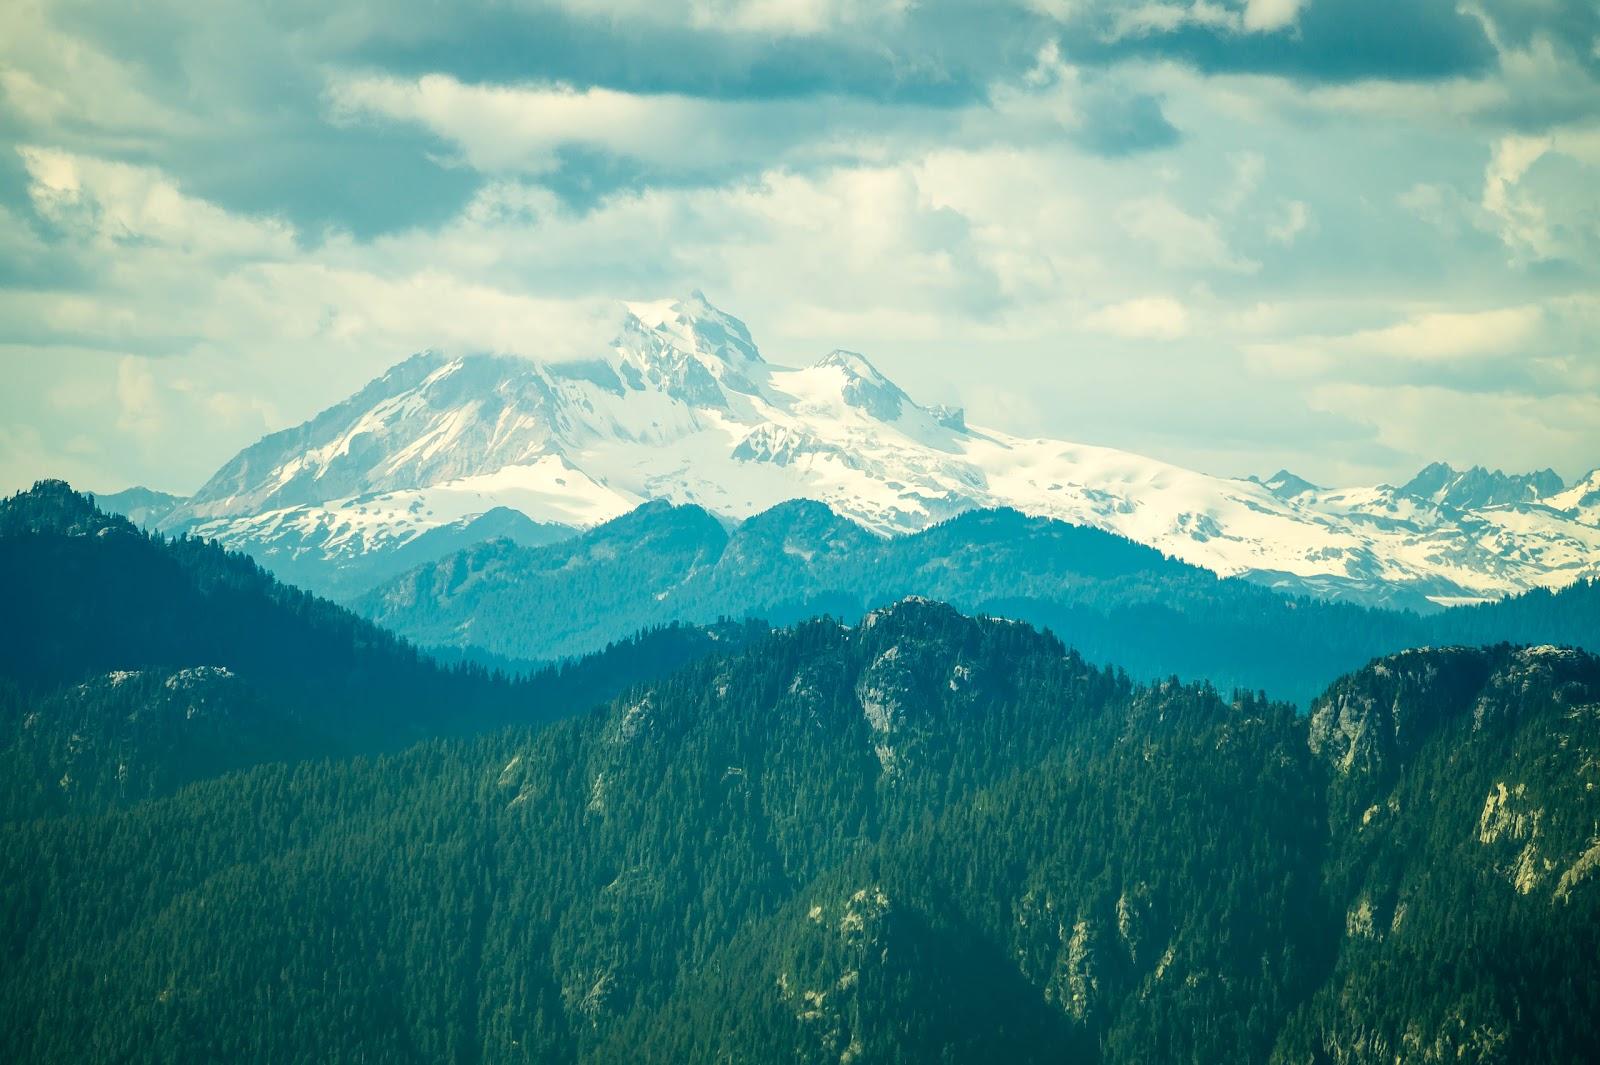 С другой стороны видны заснеженные вершины гор, покоящиеся под мягким одеялом облаков.